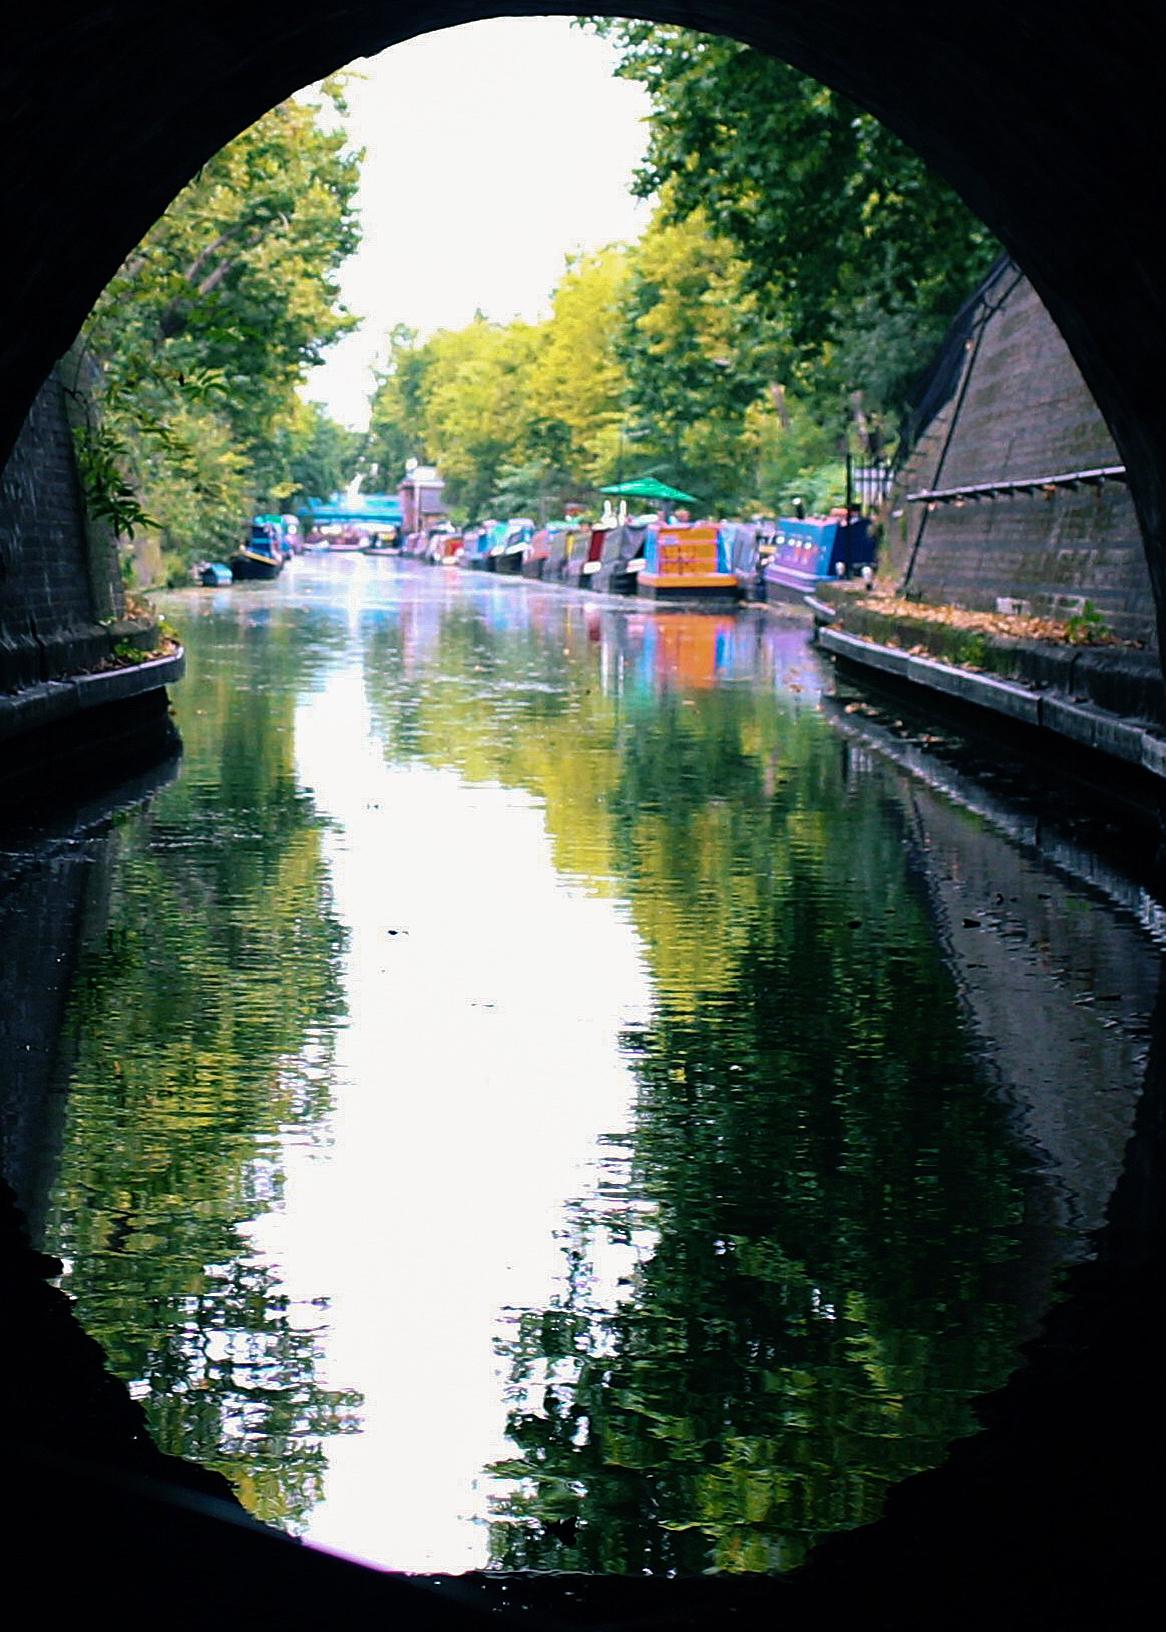 honeyidressedthepug-dogblog-dogfriendlyblog-thingstodowithyourdog-boatingwithdog-dogfashionblog-petfashionblog-goboatlondon-petblogger-humanandhound-fashionandlifestyle-londonpetblogger-topdogblog-puglife-pugonaboat-boatingwithdog-londoncanals4.jpg